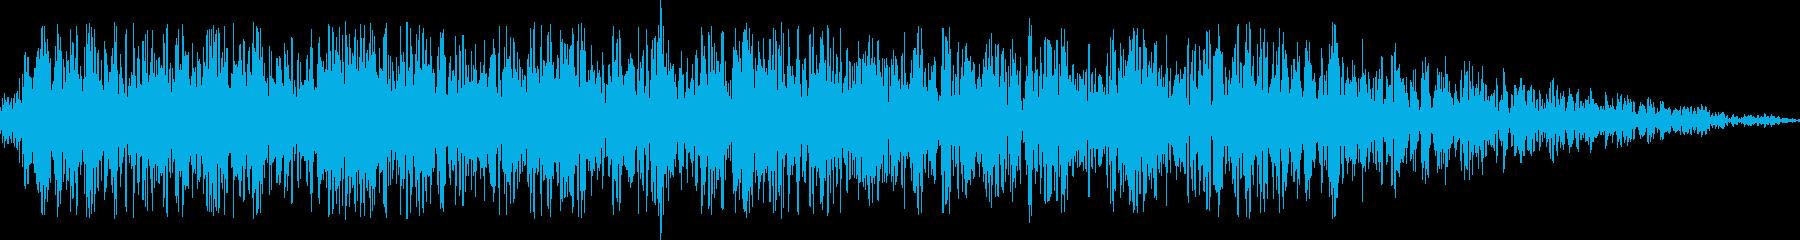 激しい水流(水中)の再生済みの波形